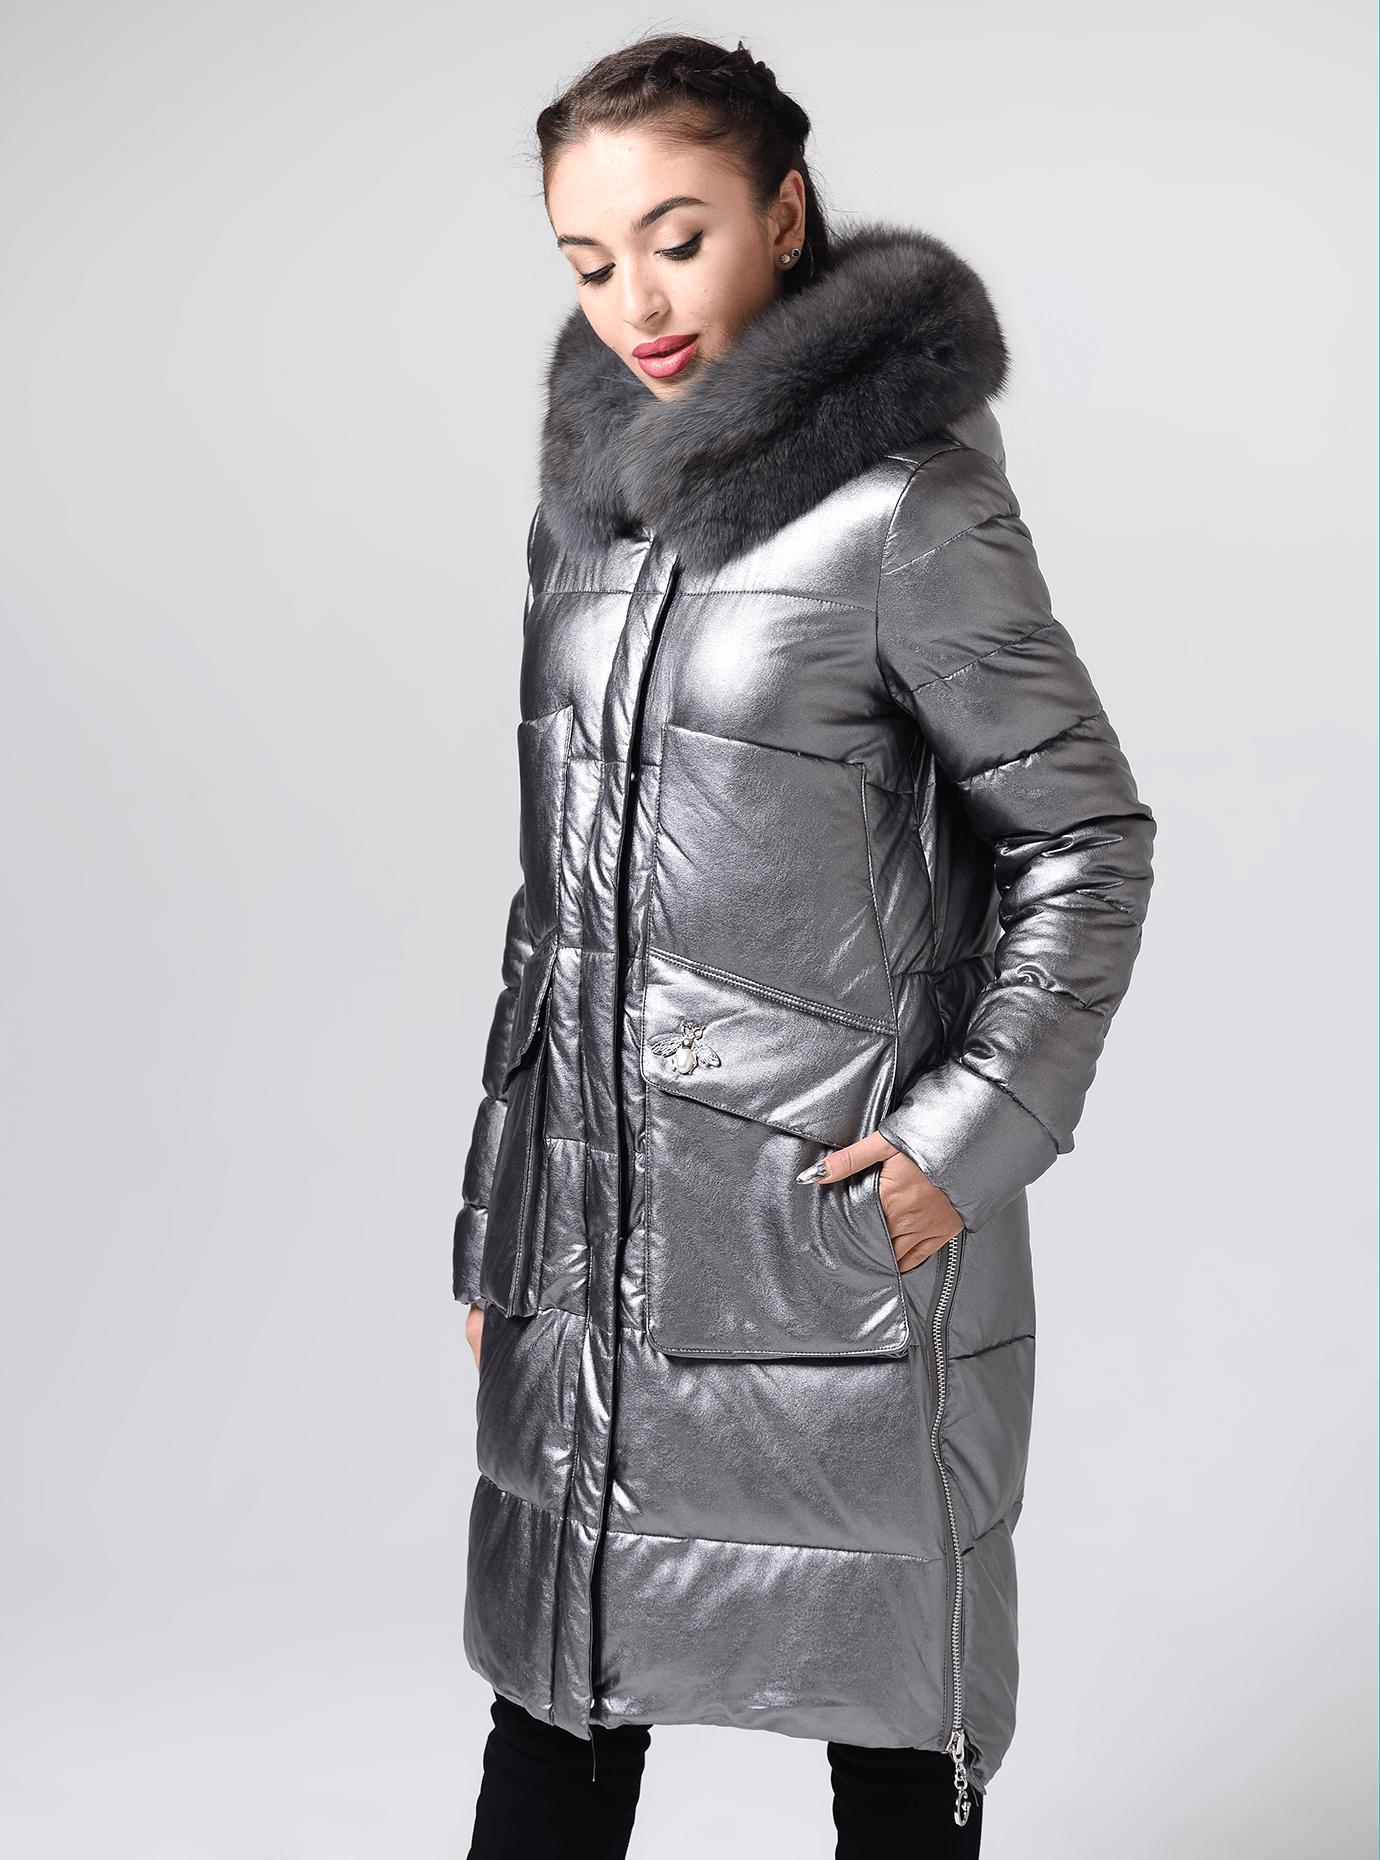 Куртка довга прямого крою з хутром песця Срібний S (05-ZL2265): фото - Alster.ua